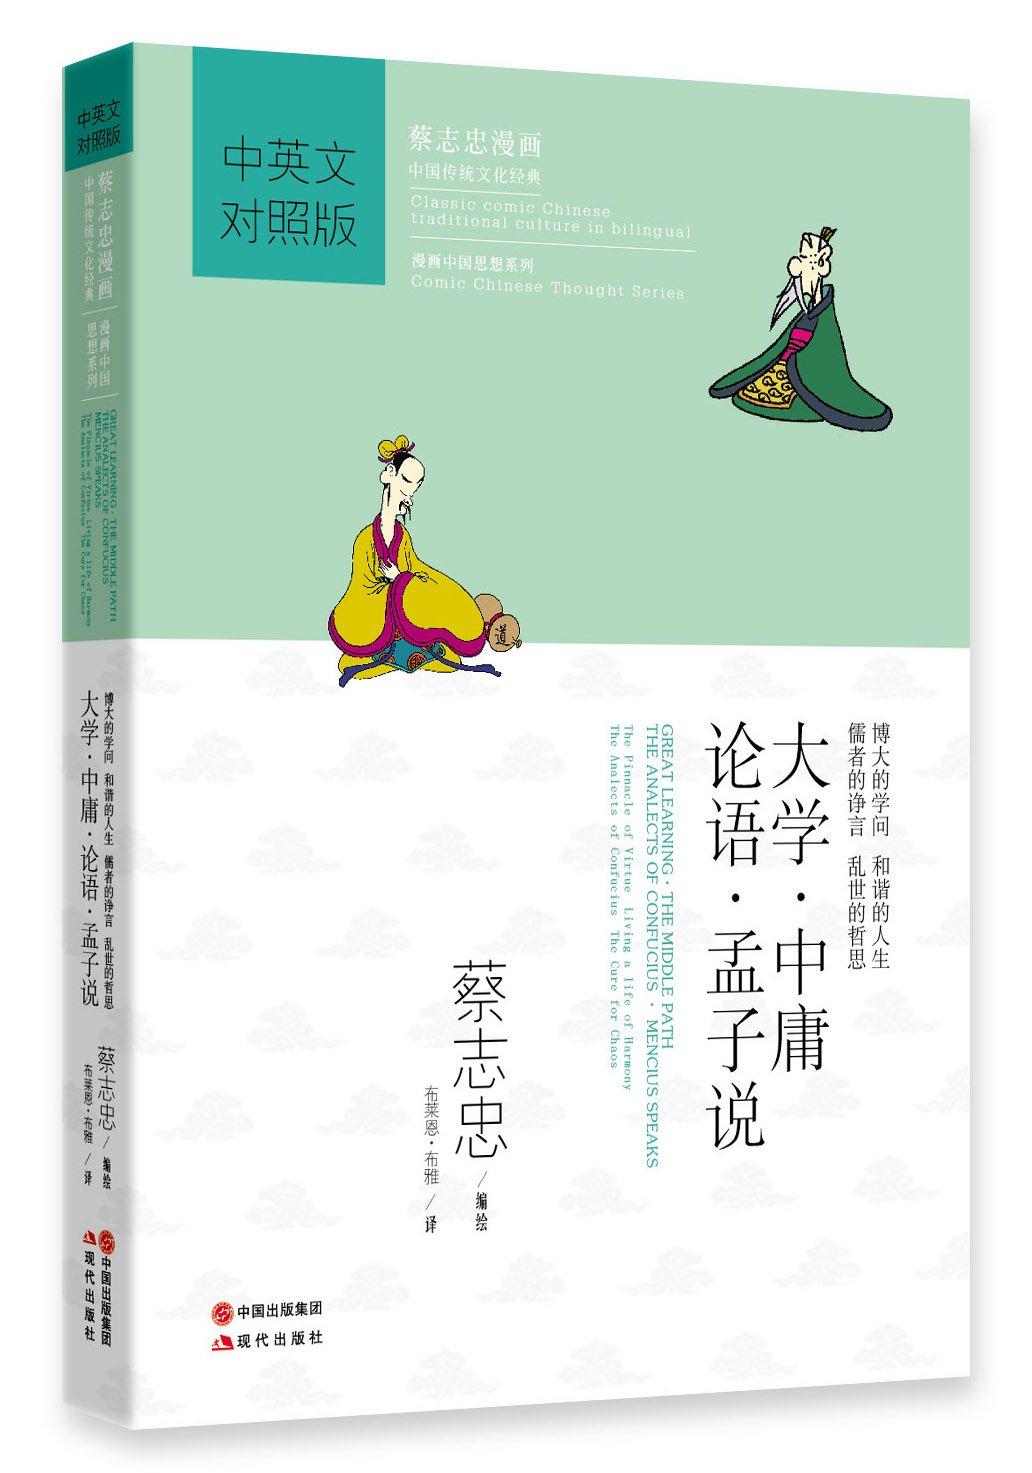 蔡志忠大学中国传统文化中庸:经典漫画论语孟漫画武论尊图片